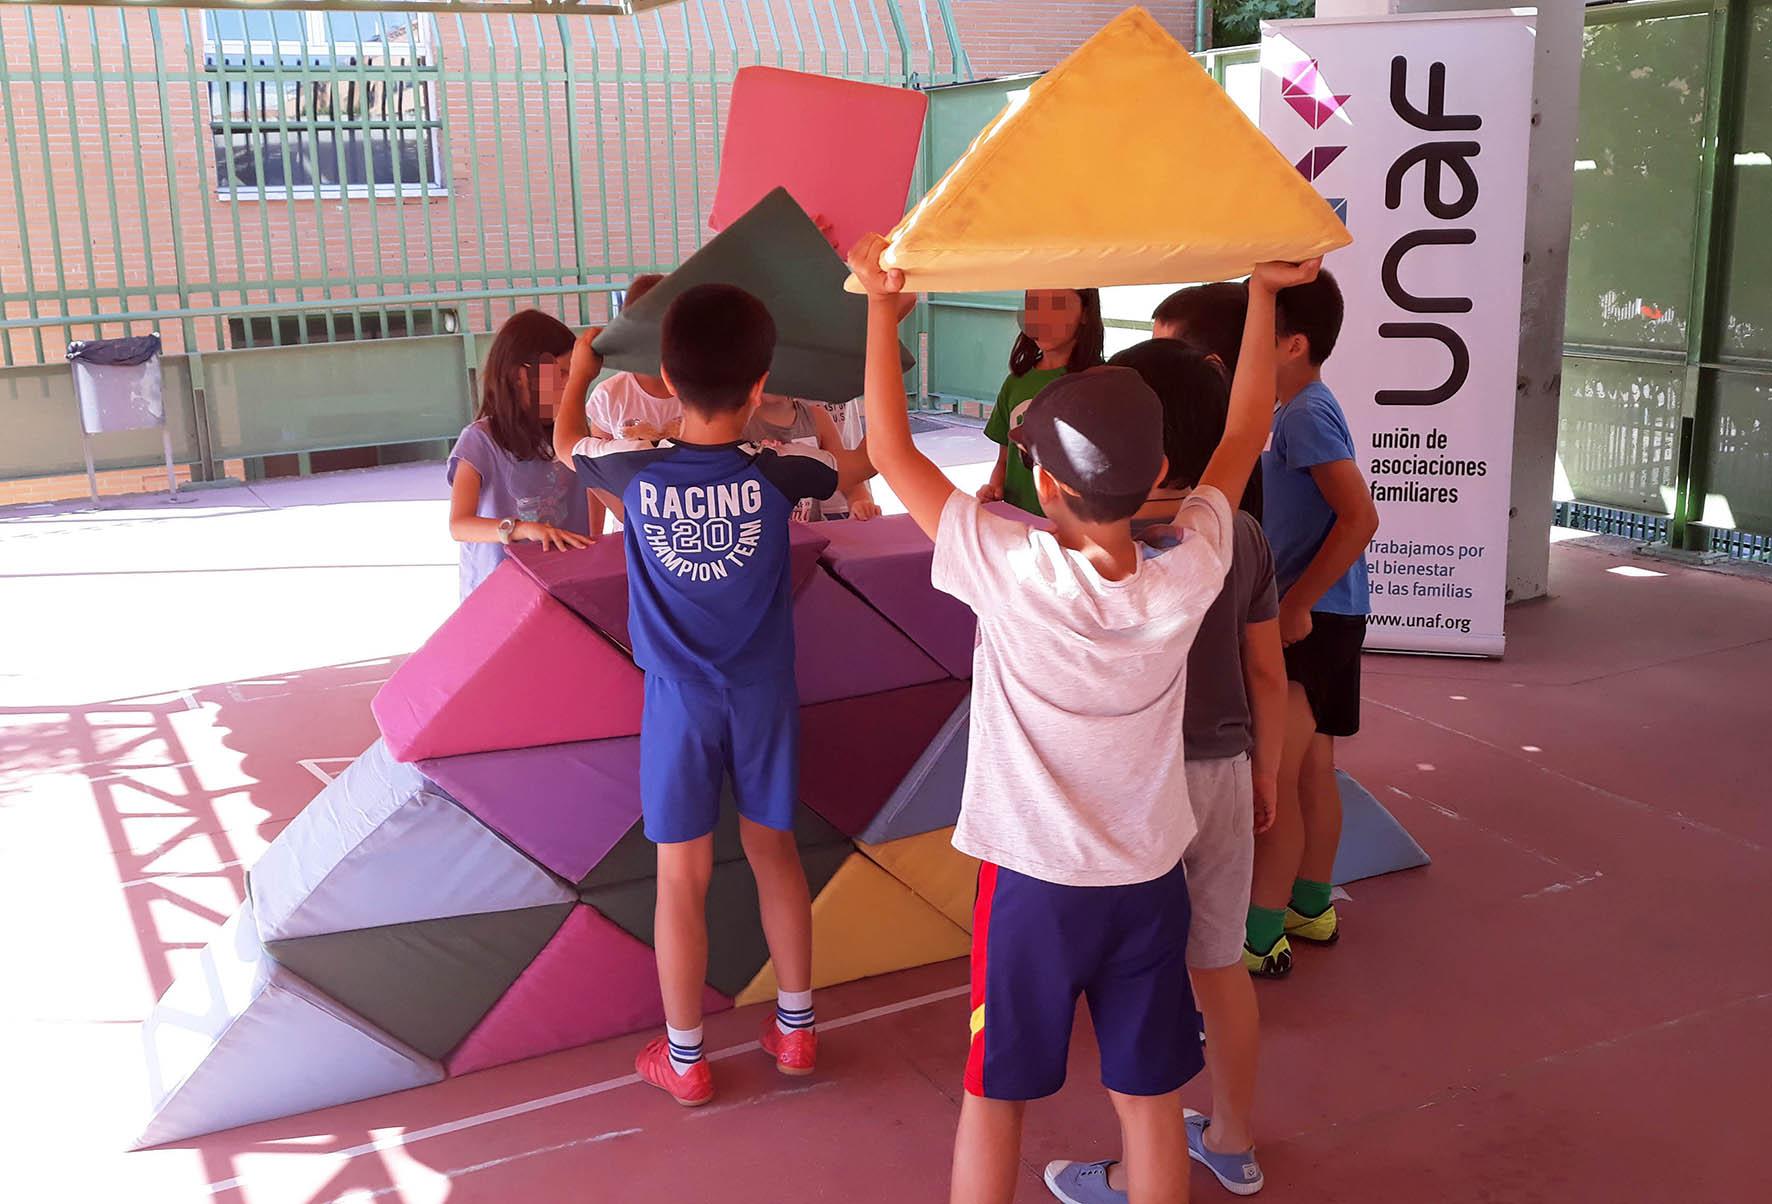 Más de 300 niños y niñas aprenden a resolver conflictos de forma positiva en un campamento escolar en Madrid